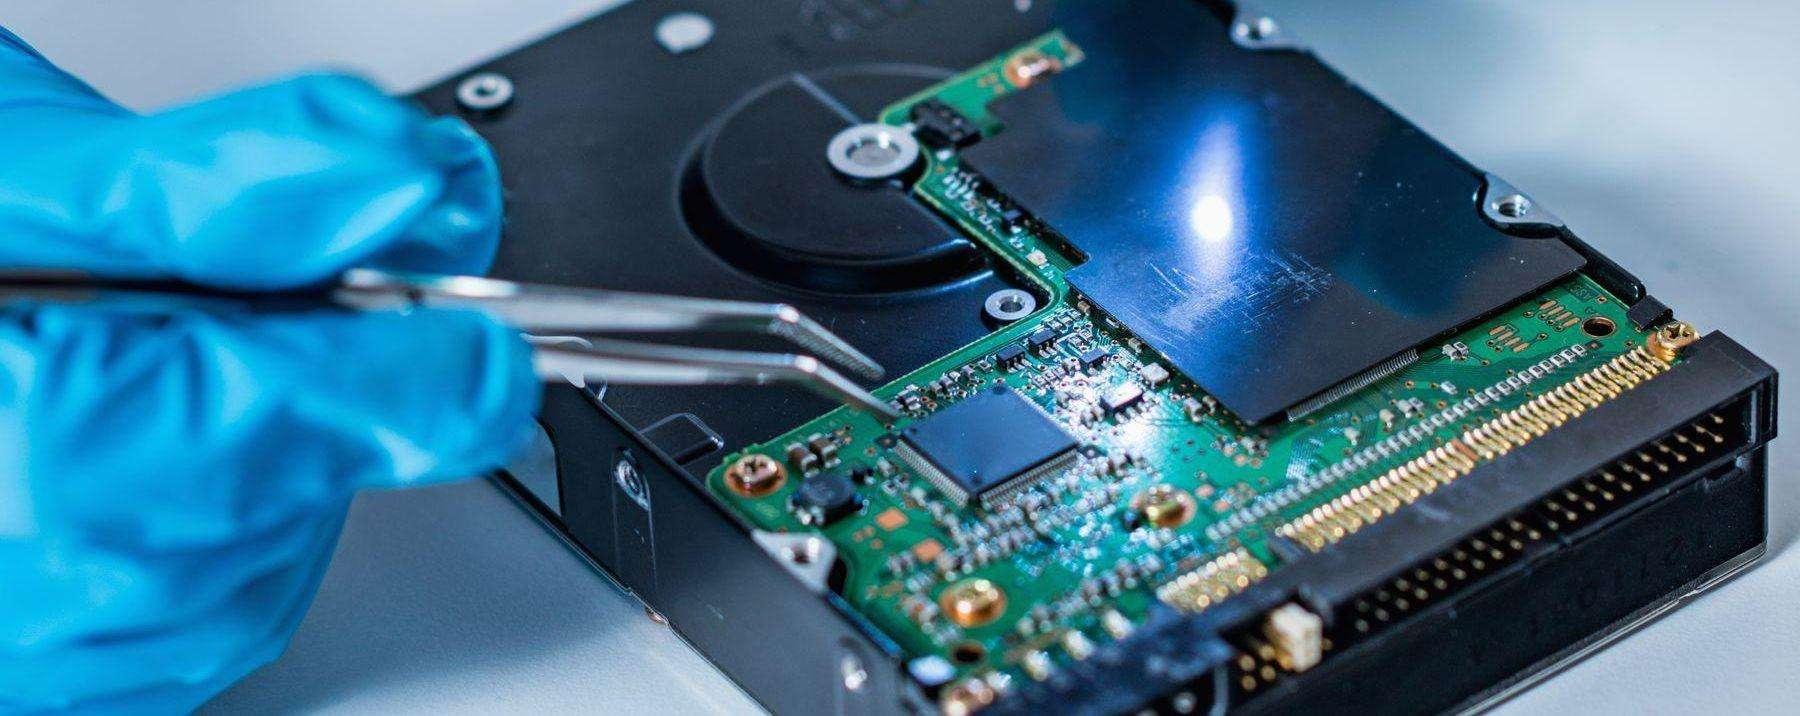 Festplatte wird mit Pinzette bearbeitet. Data Science benötigt Daten.